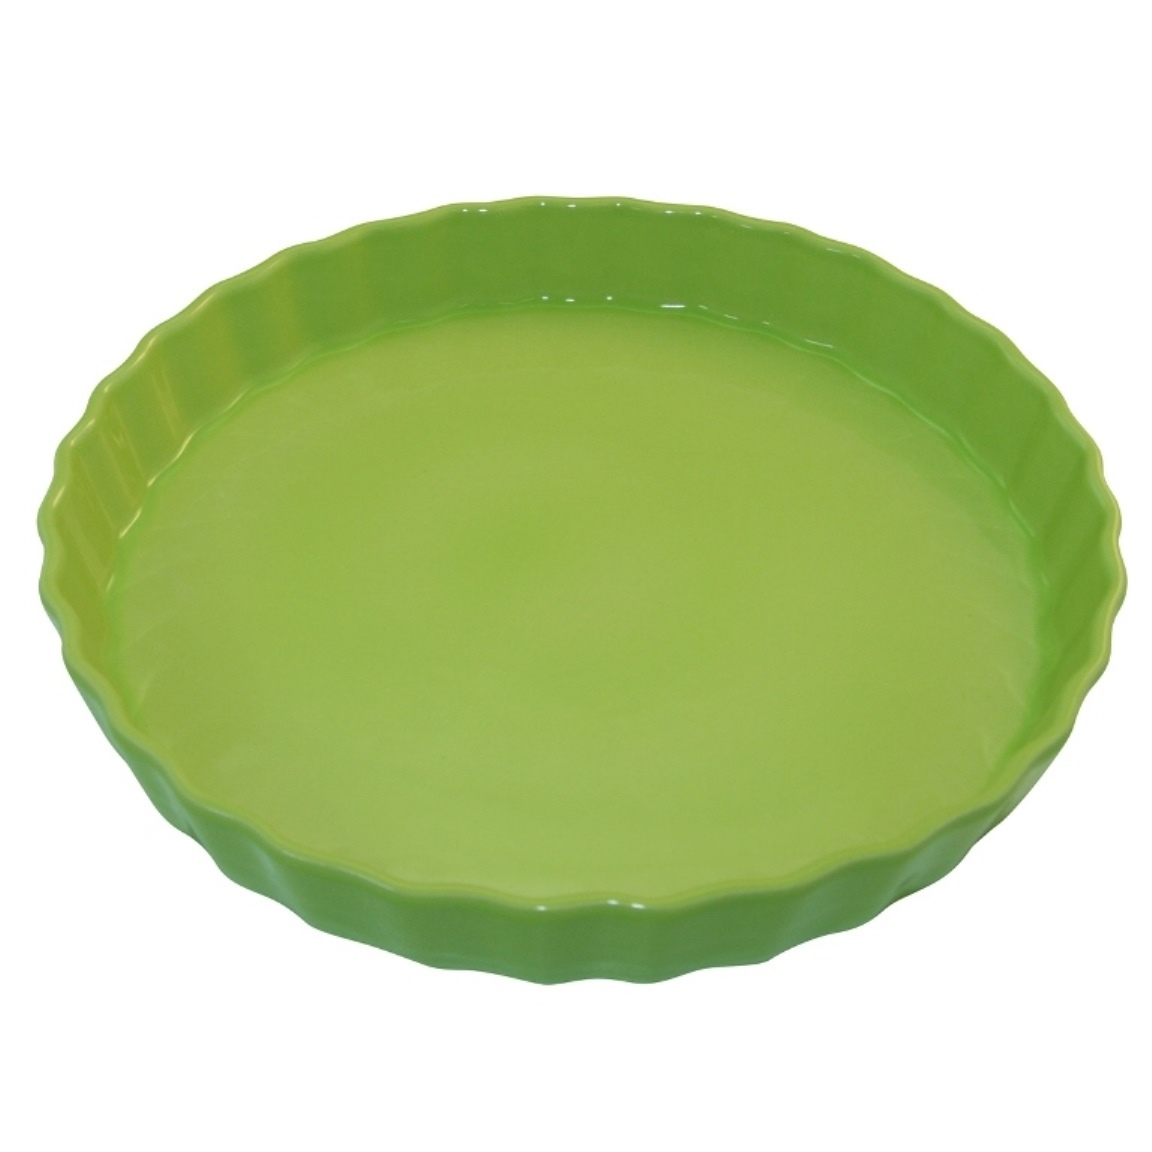 Форма для пирога 30 см Appolia Delices LIME 10530027Формы для запекания (выпечки)<br>Форма для пирога 30 см Appolia Delices LIME 10530027<br><br>Благодаря большому разнообразию изящных форм и широкой цветовой гамме, коллекция DELICES предлагает всевозможные варианты приготовления блюд для себя и гостей. Выбирайте цвета в соответствии с вашими желаниями и вашей кухне. Закругленные углы облегчают чистку. Легко использовать. Большие удобные ручки. Прочная жароустойчивая керамика экологична и изготавливается из высококачественной глины. Прочная глазурь устойчива к растрескиванию и сколам, не содержит свинца и кадмия. Глина обеспечивает медленный и равномерный нагрев, деликатное приготовление с сохранением всех питательных веществ и витаминов, а та же долго сохраняет тепло, что удобно при сервировке горячих блюд.<br>